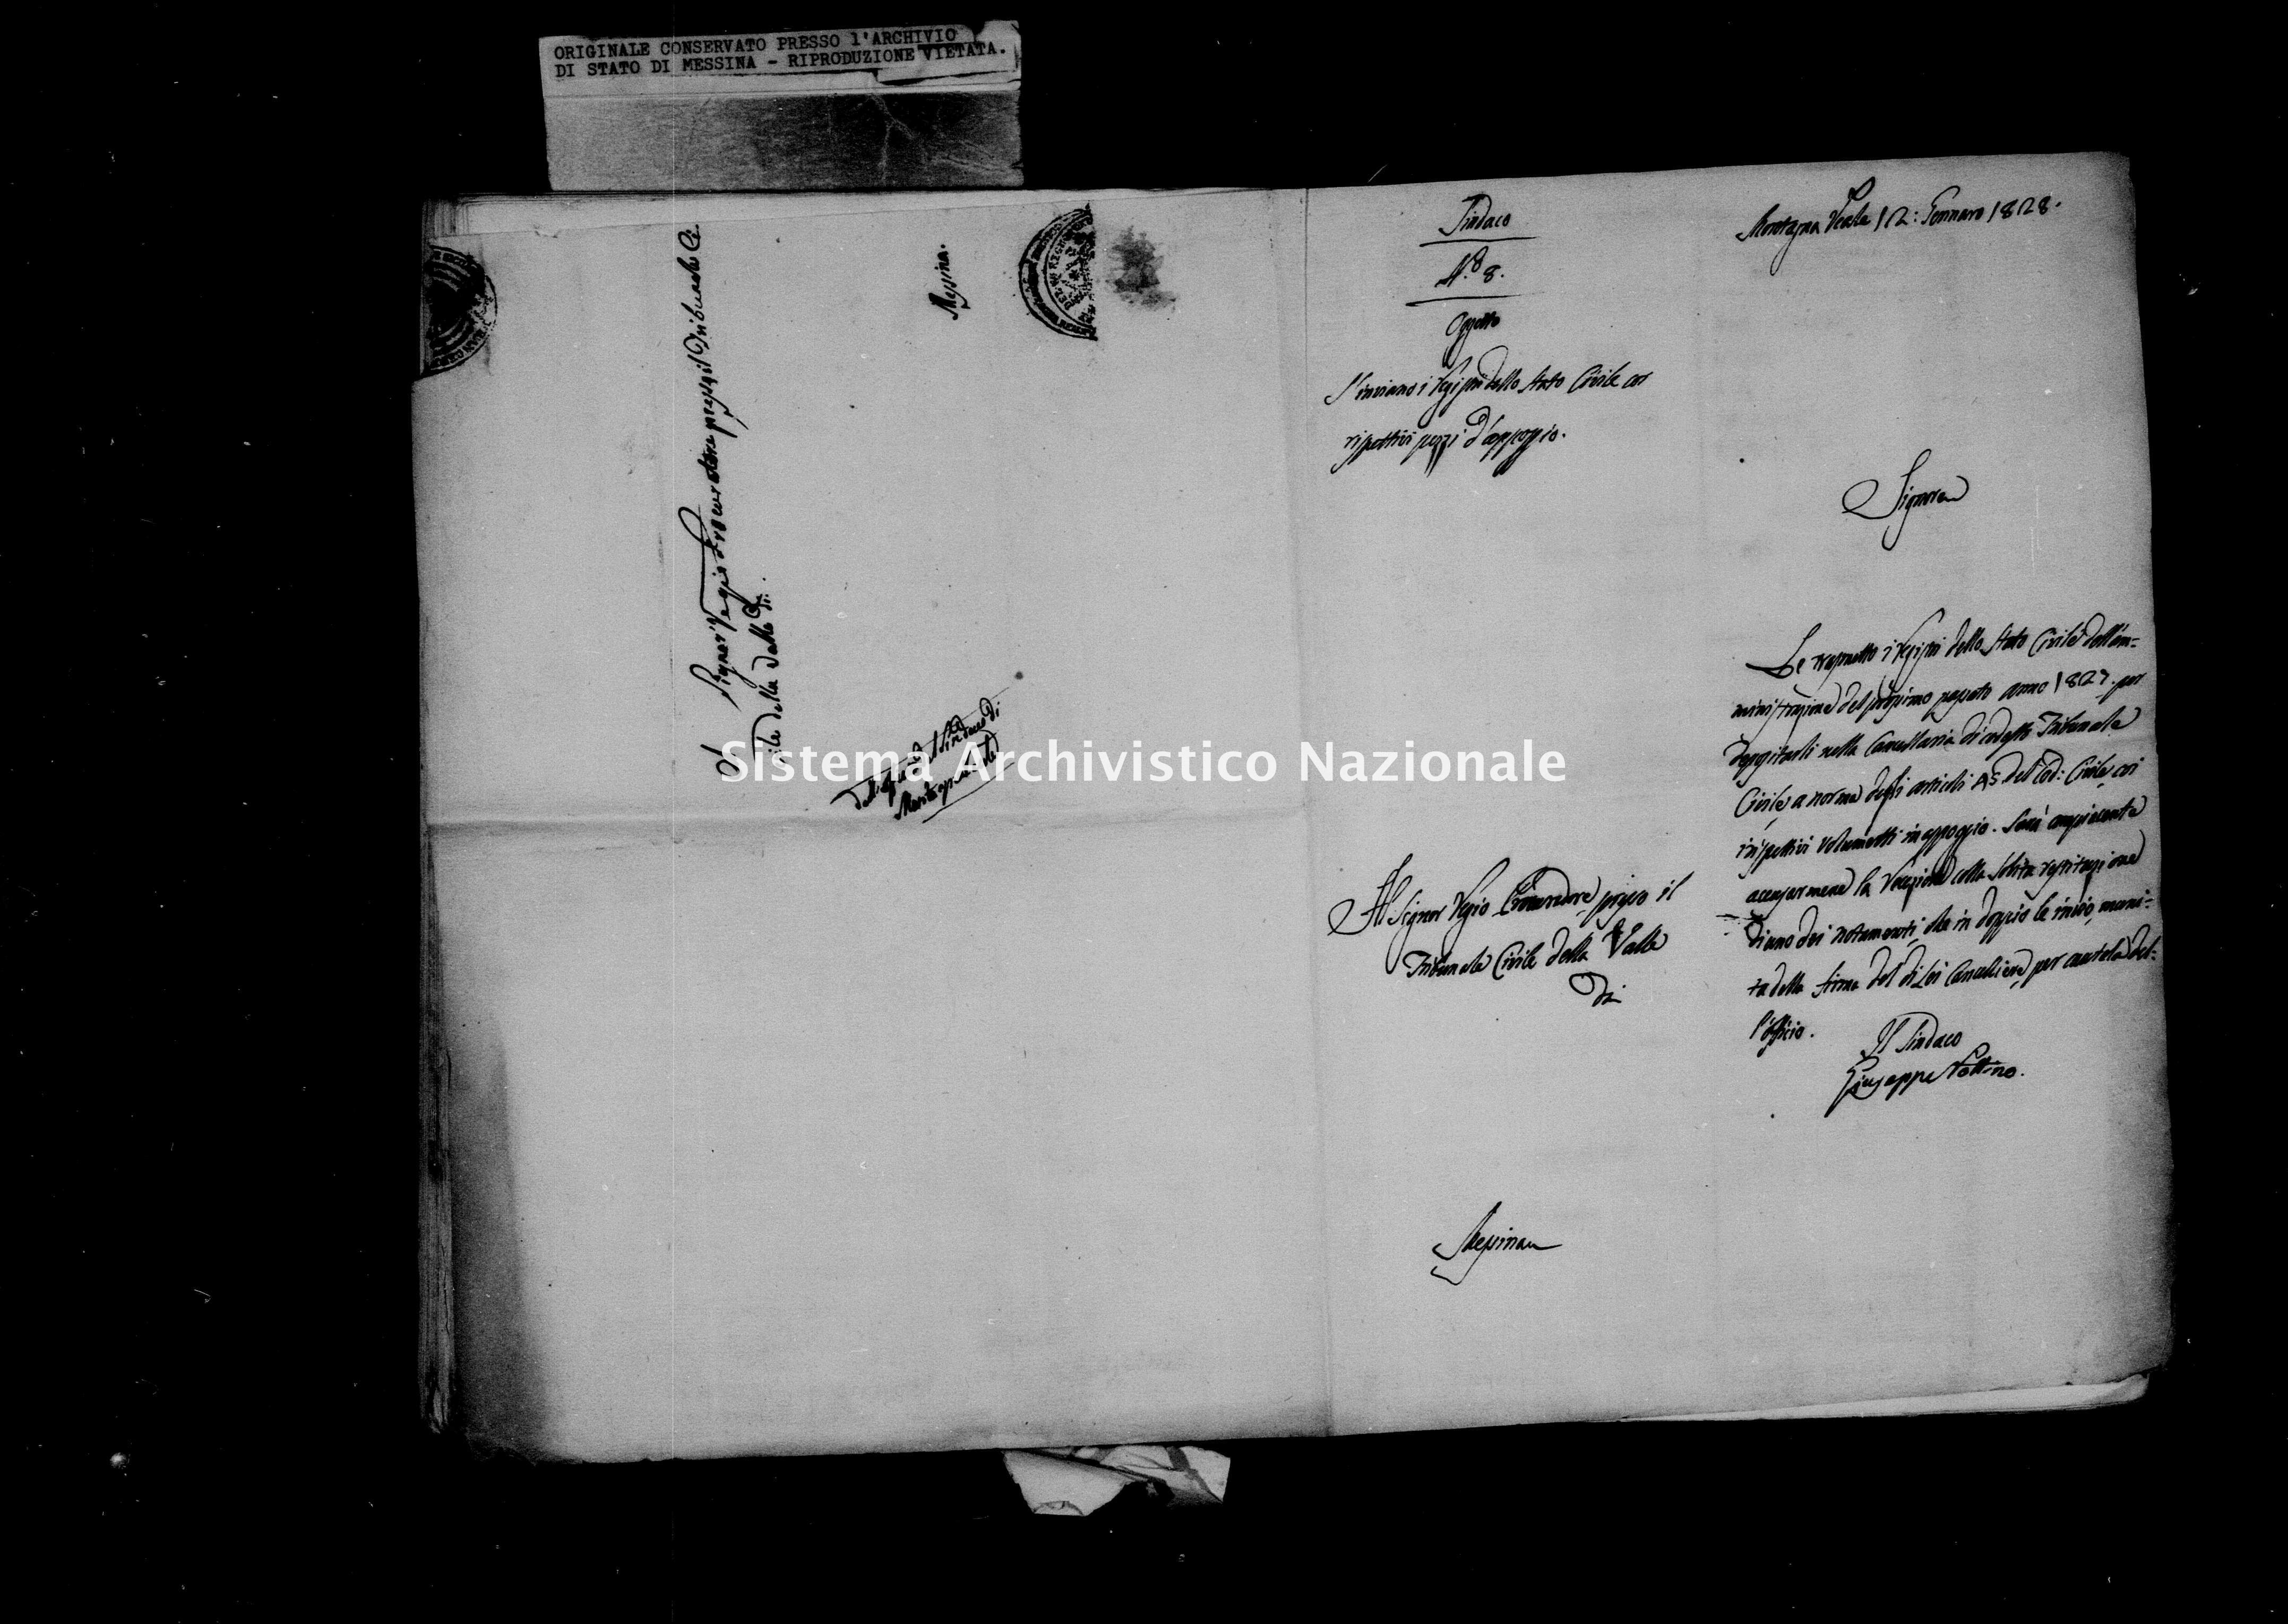 Archivio di stato di Messina - Stato civile della restaurazione - Montagnareale - Inventario - 1827 - 873 -